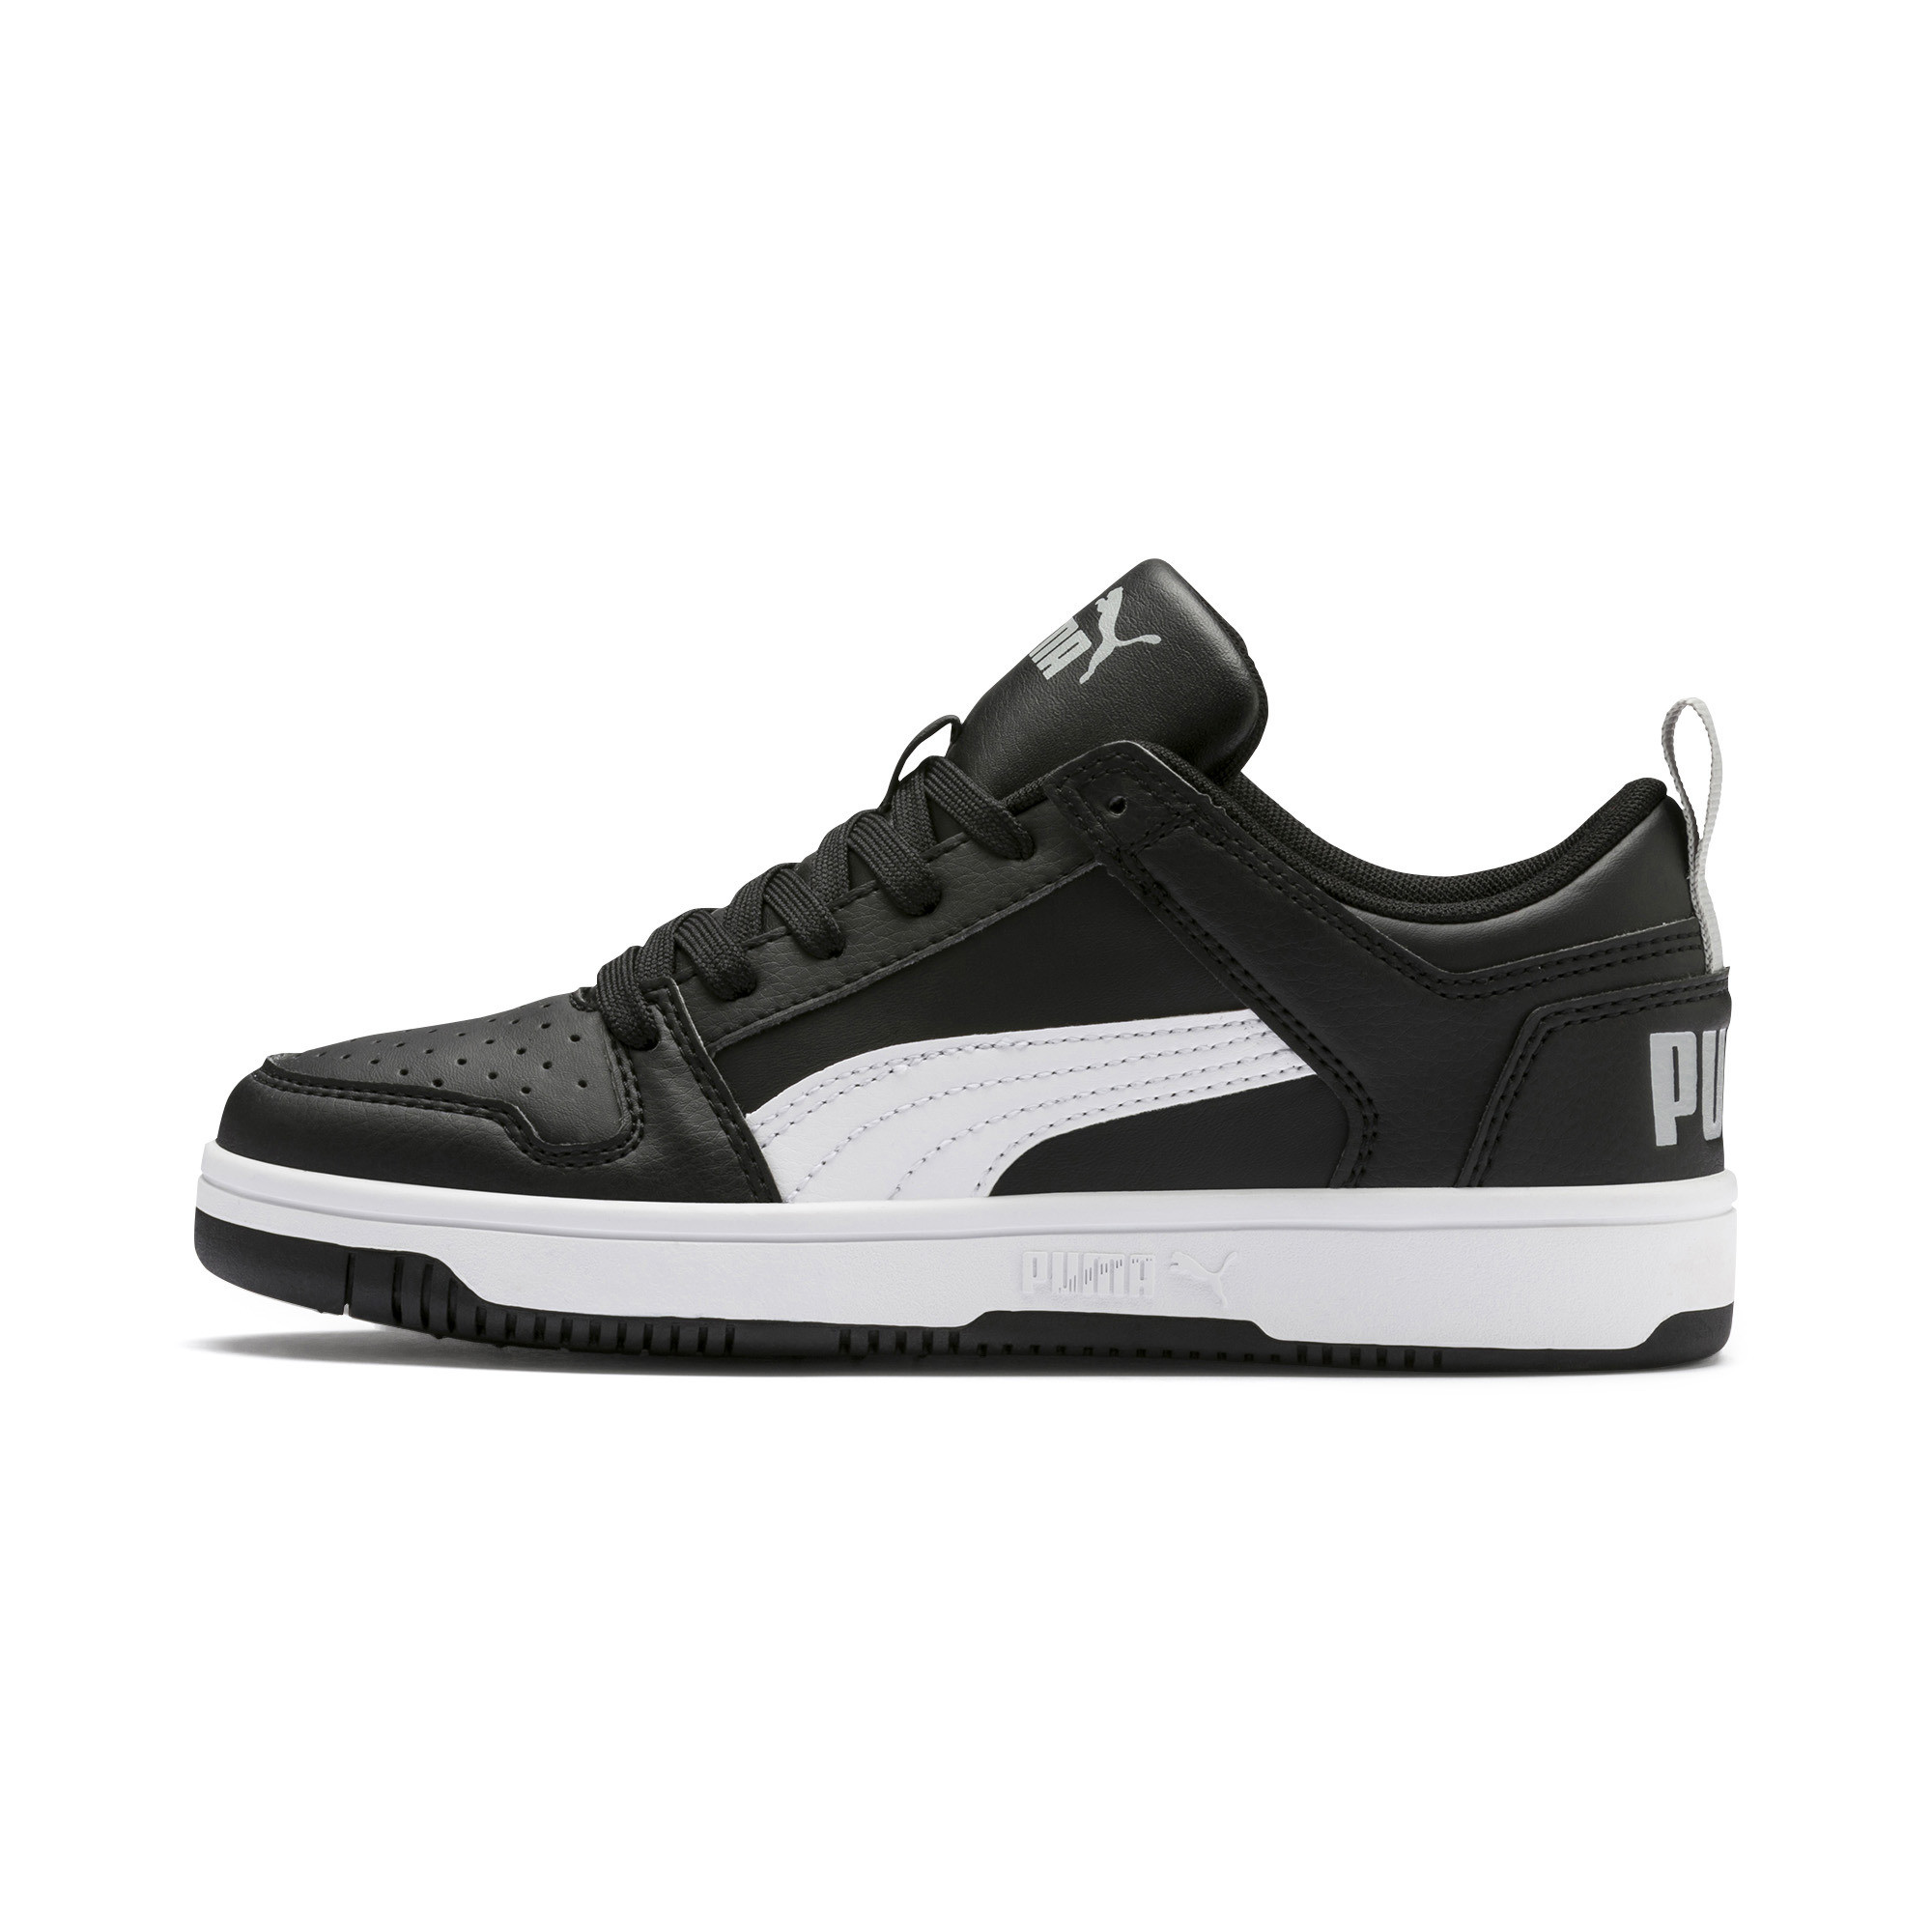 PUMA-PUMA-Rebound-LayUp-Lo-Sneakers-JR-Boys-Shoe-Kids thumbnail 16